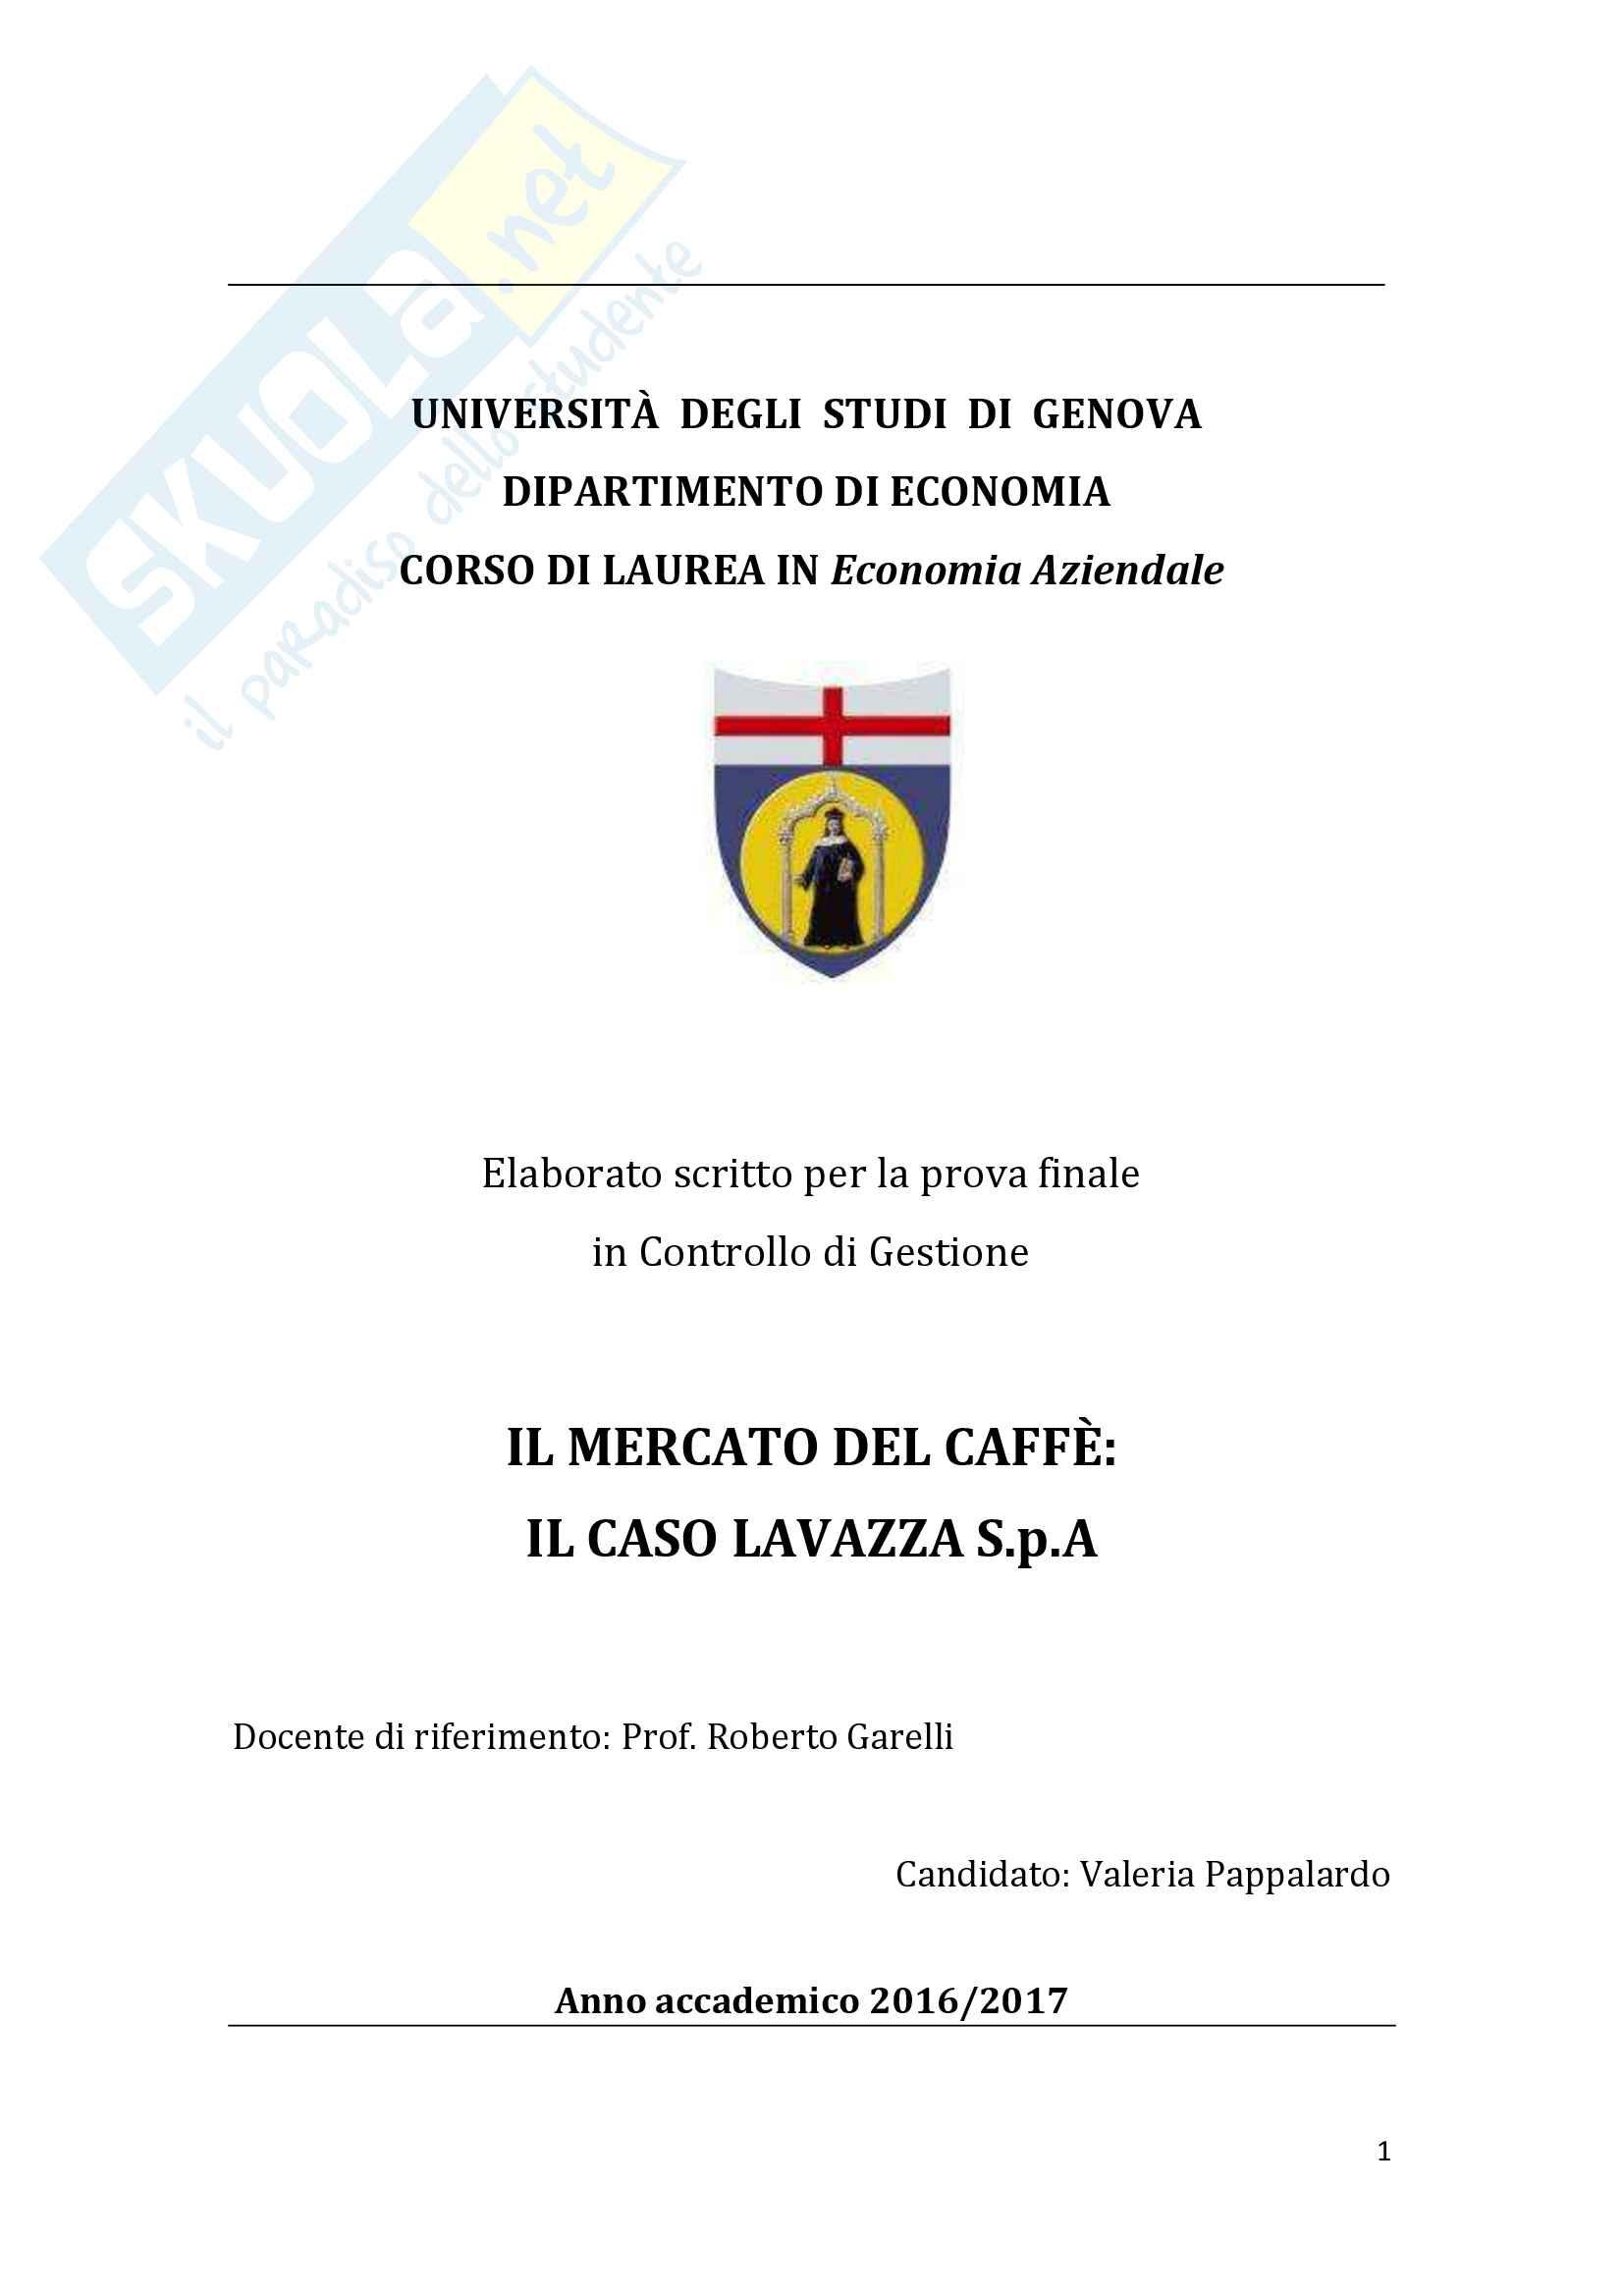 Il mercato del caffè: Il caso Lavazza